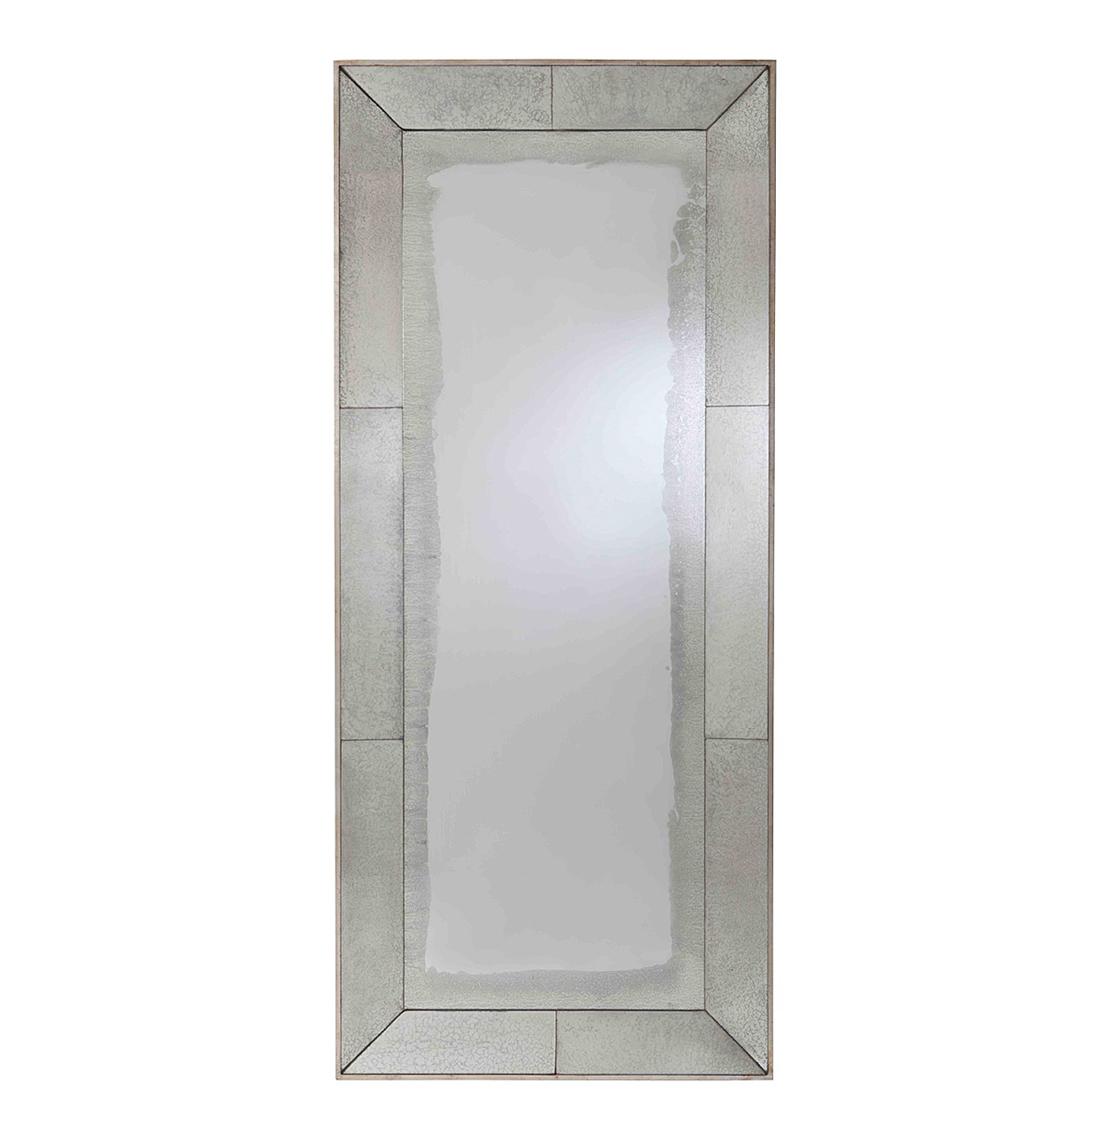 Vera Antiqued Mirror Contemporary Floor Mirror